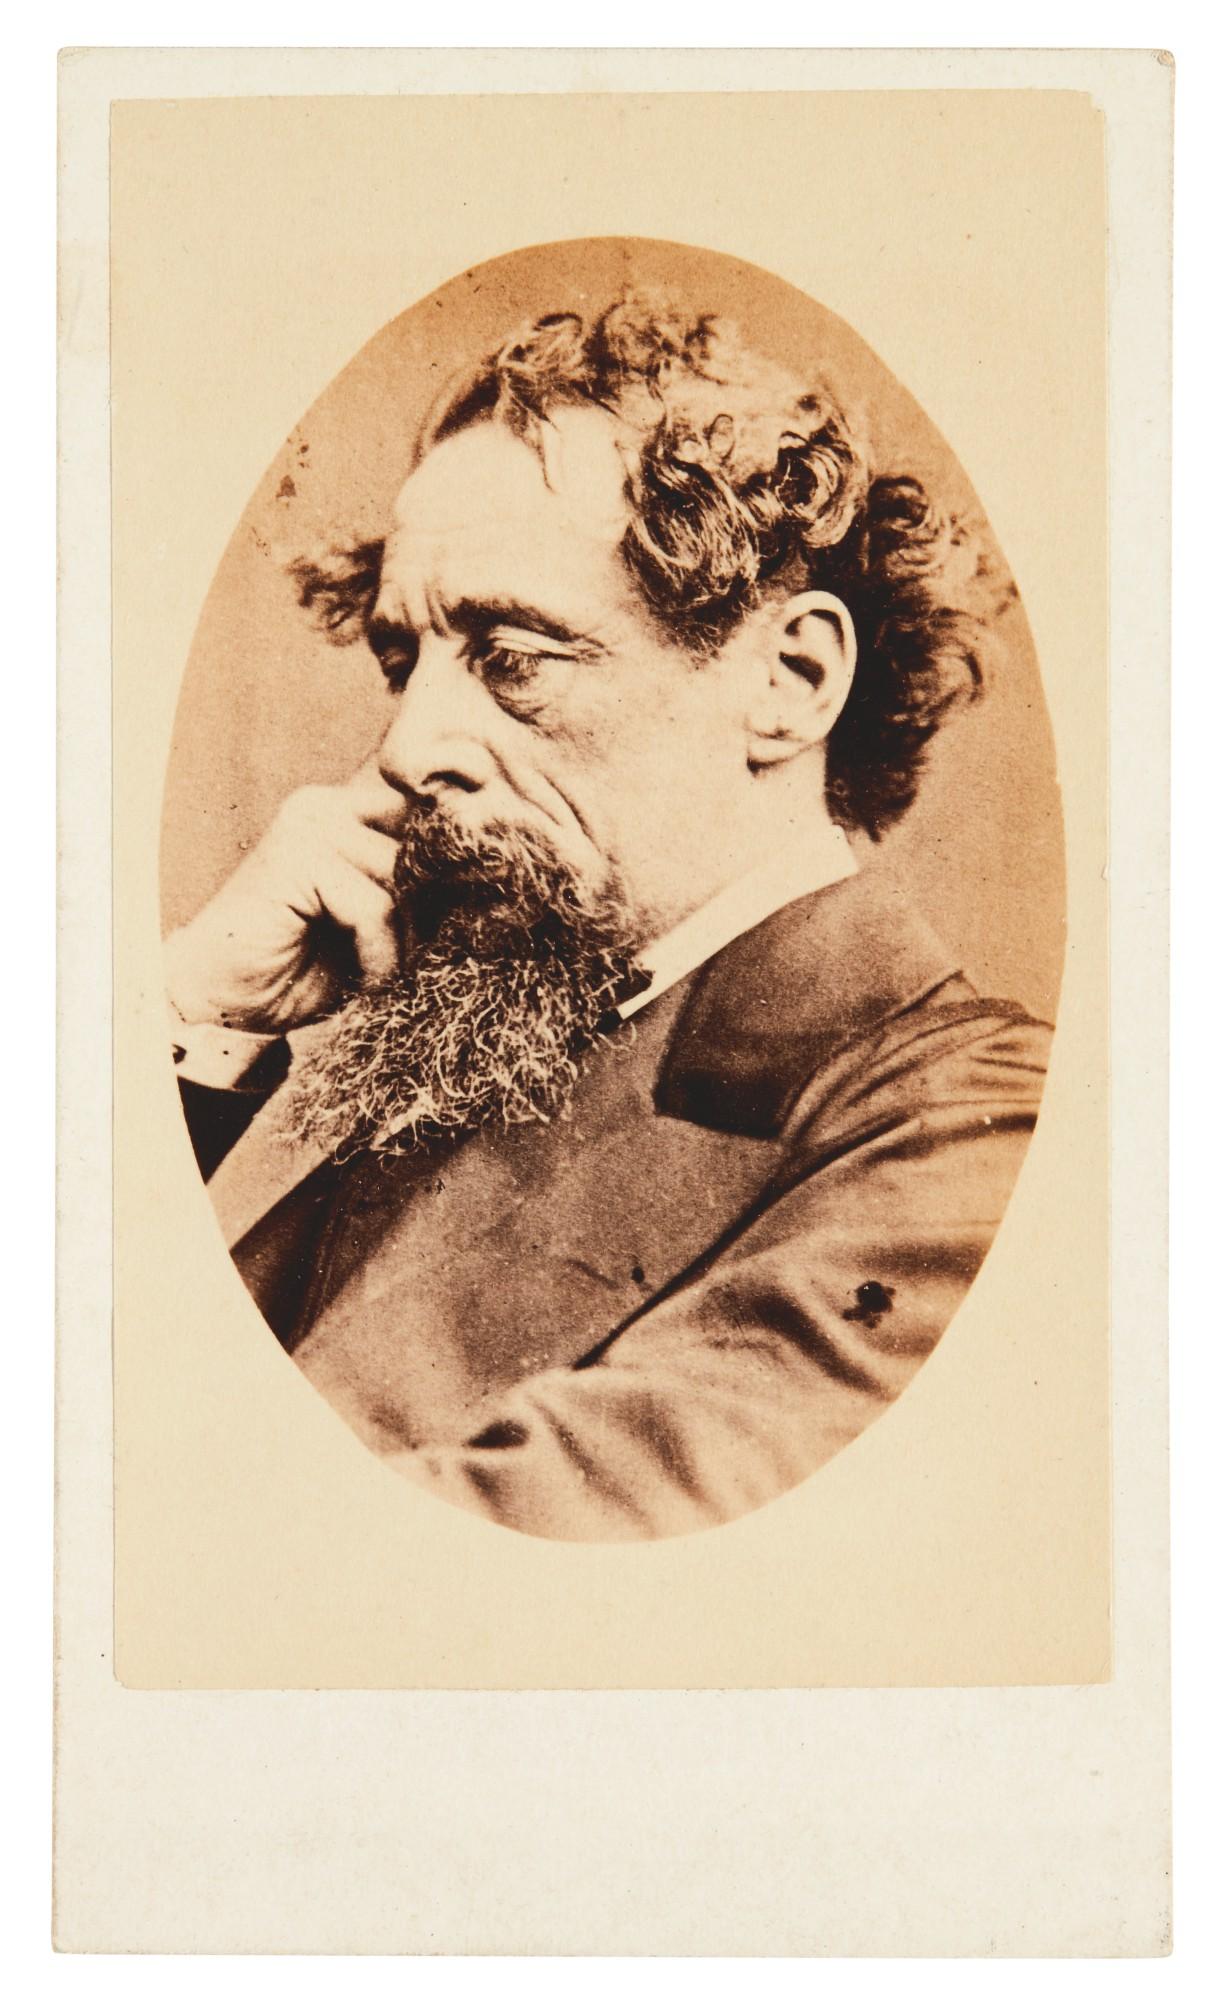 Watkins, Carte de visite of Dickens, 1863